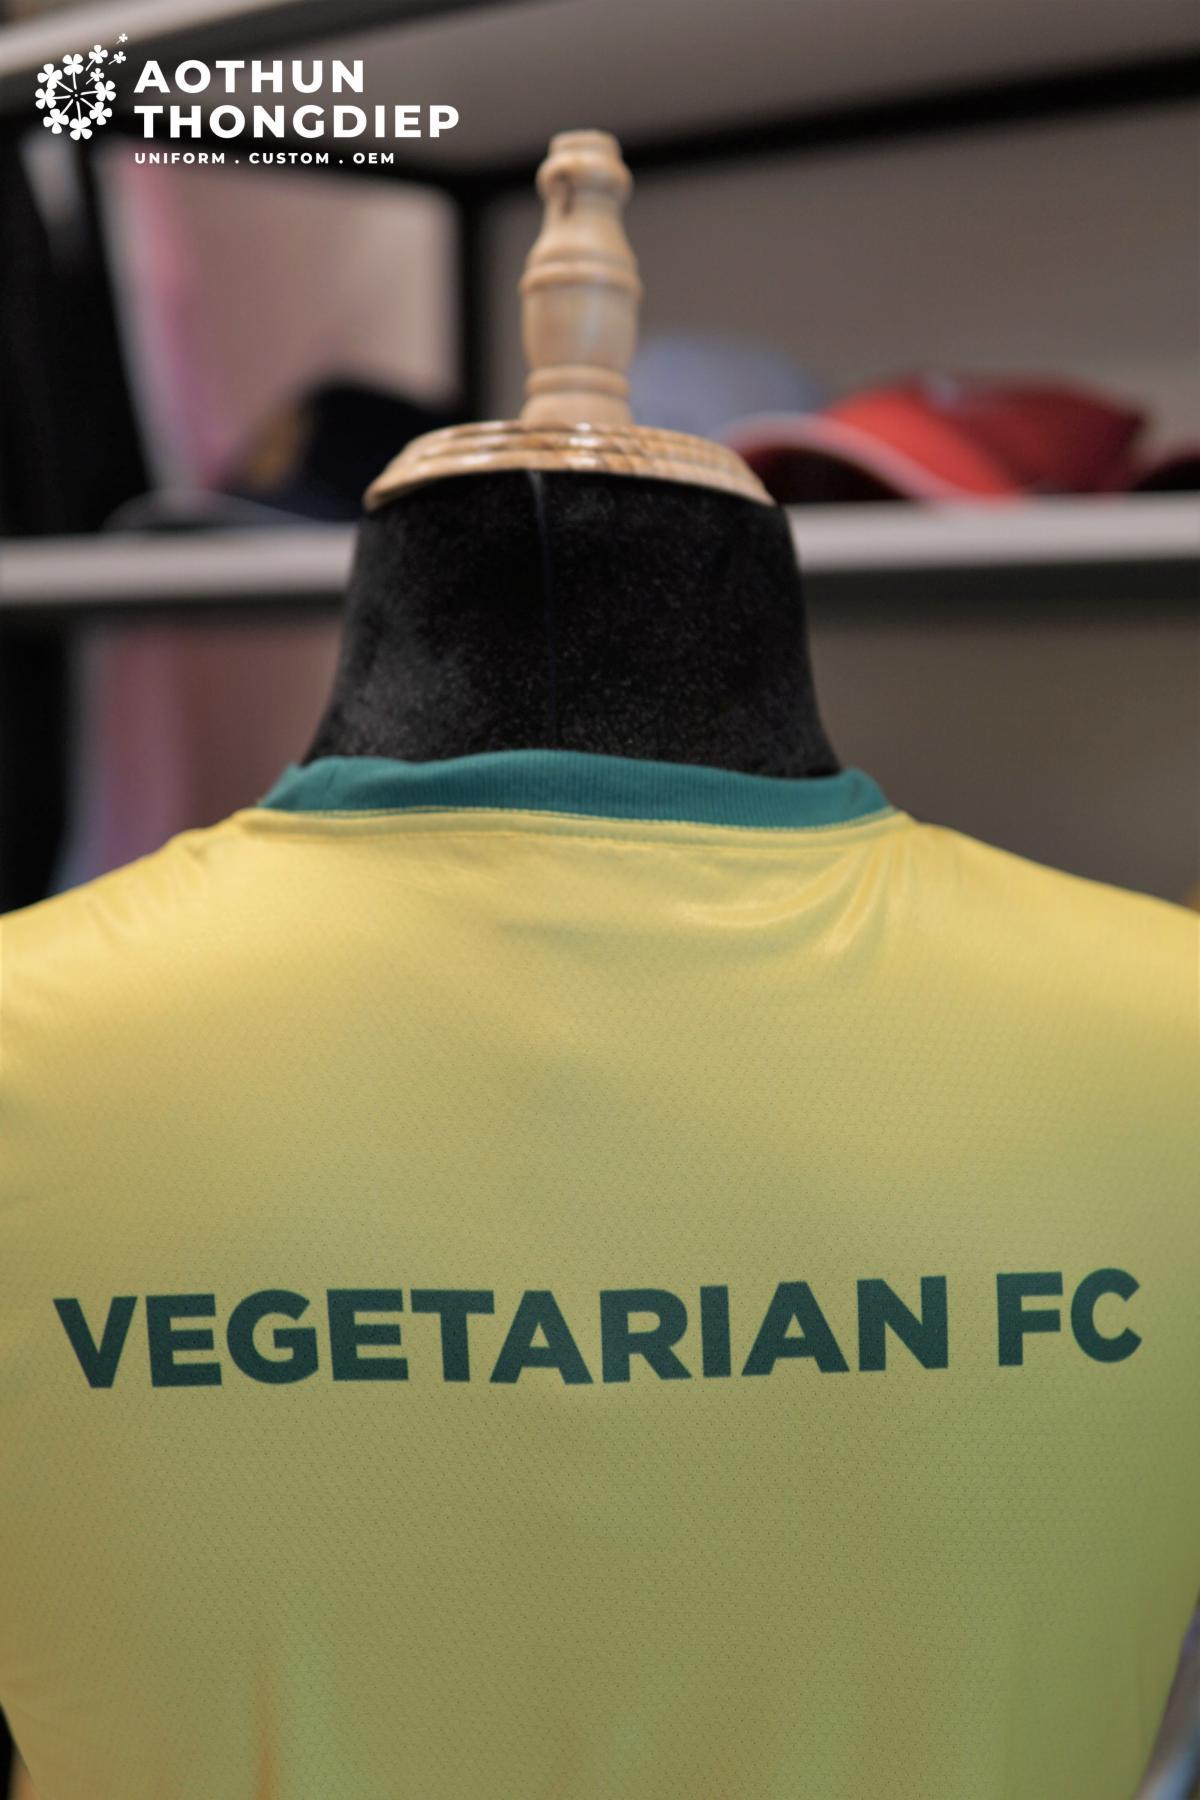 In áo thun đồng phục câu lạc bộ bóng đá Ăn chay FC #1